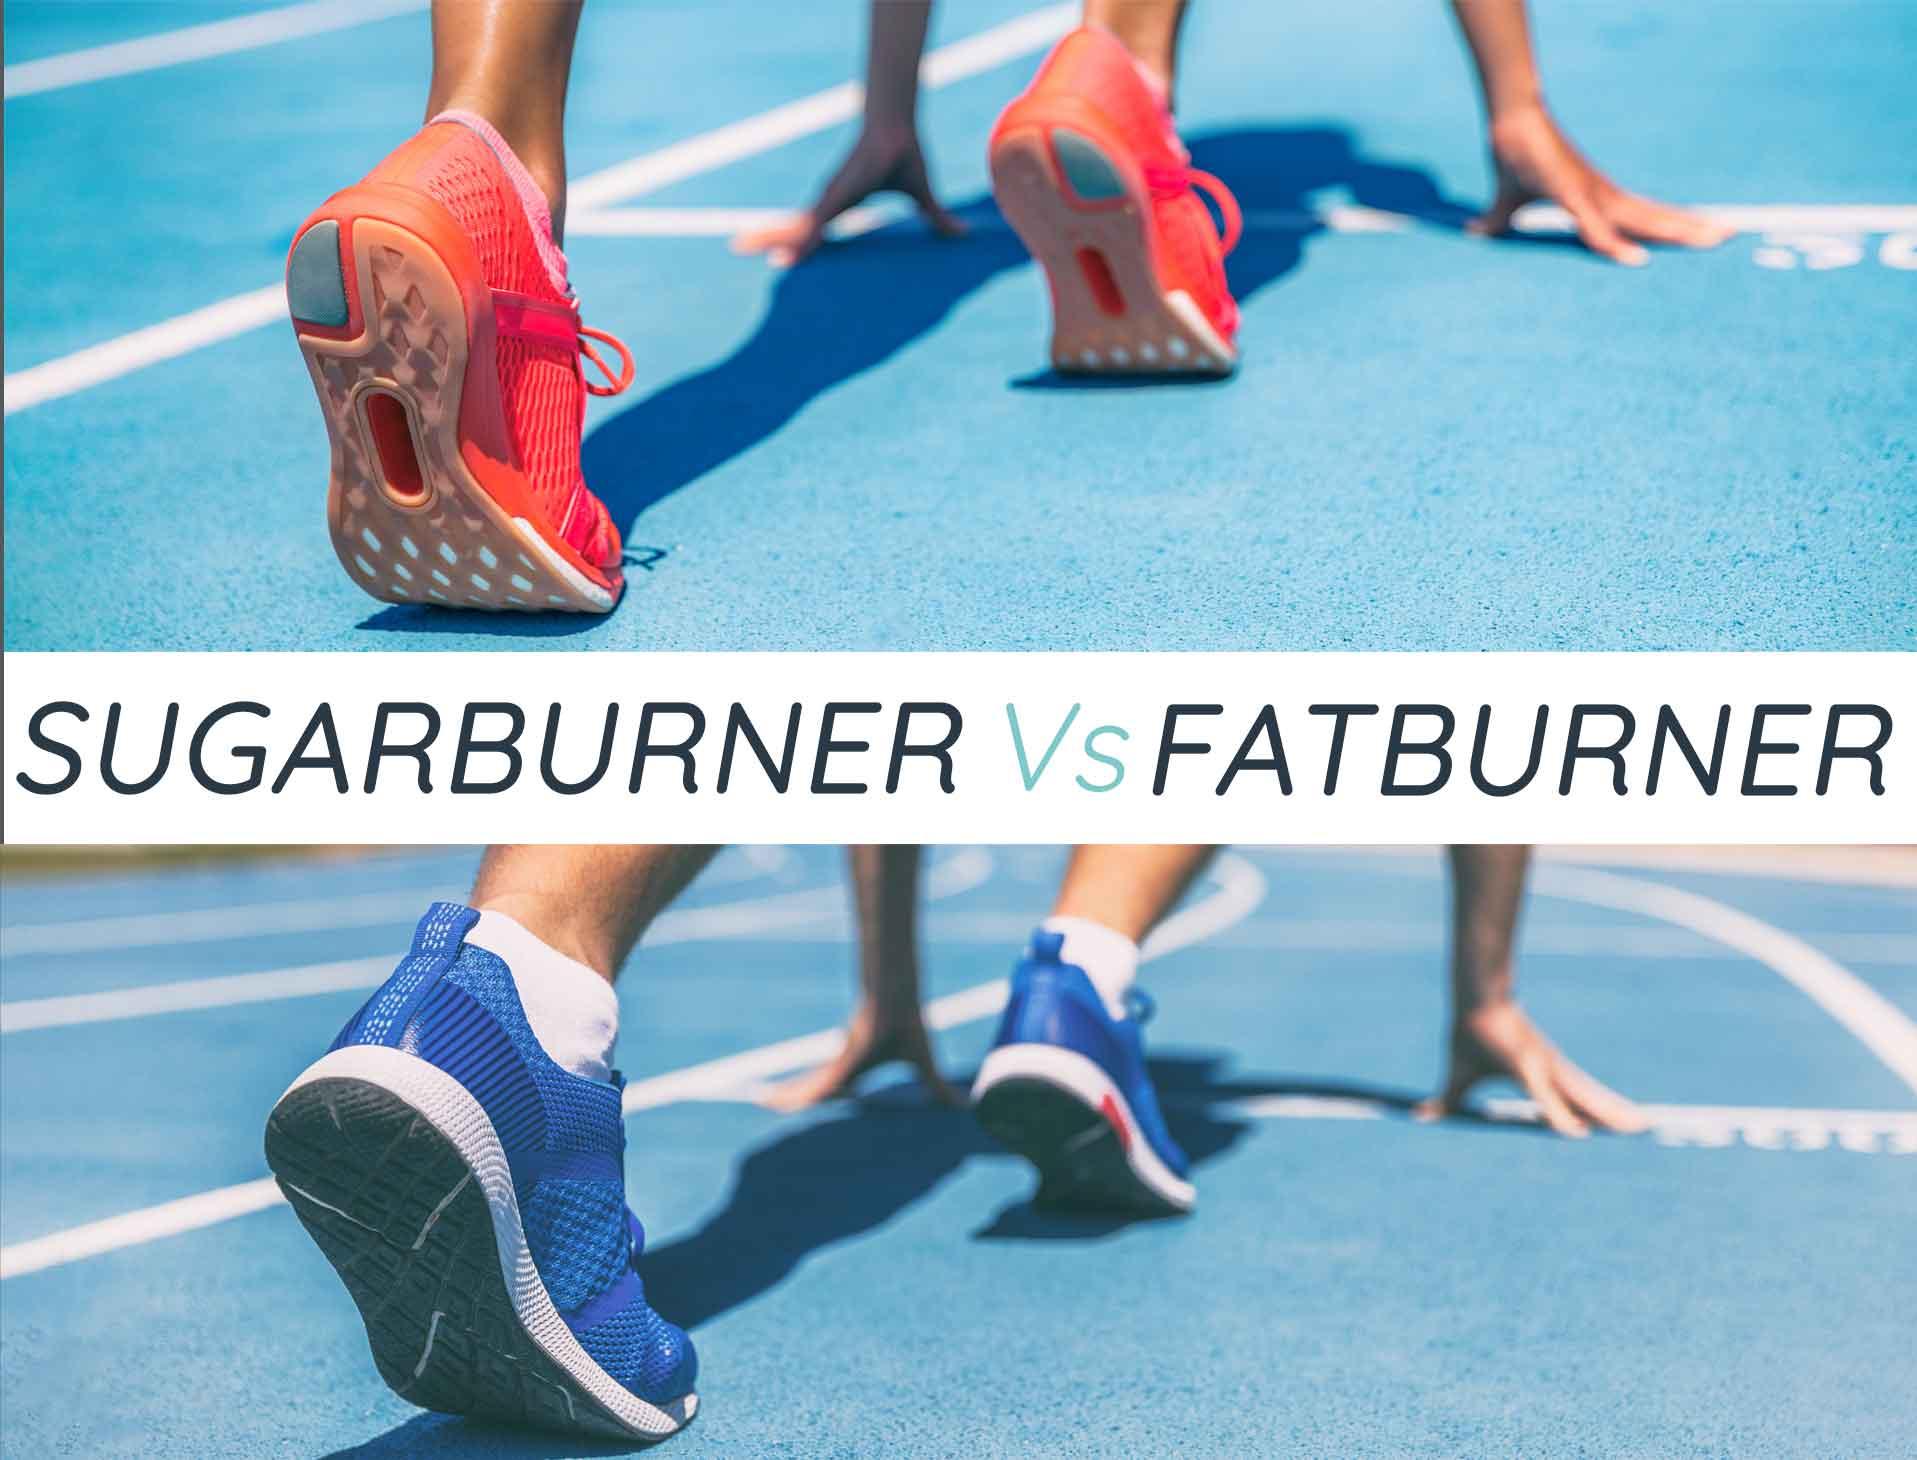 sugarburner vs fatburner